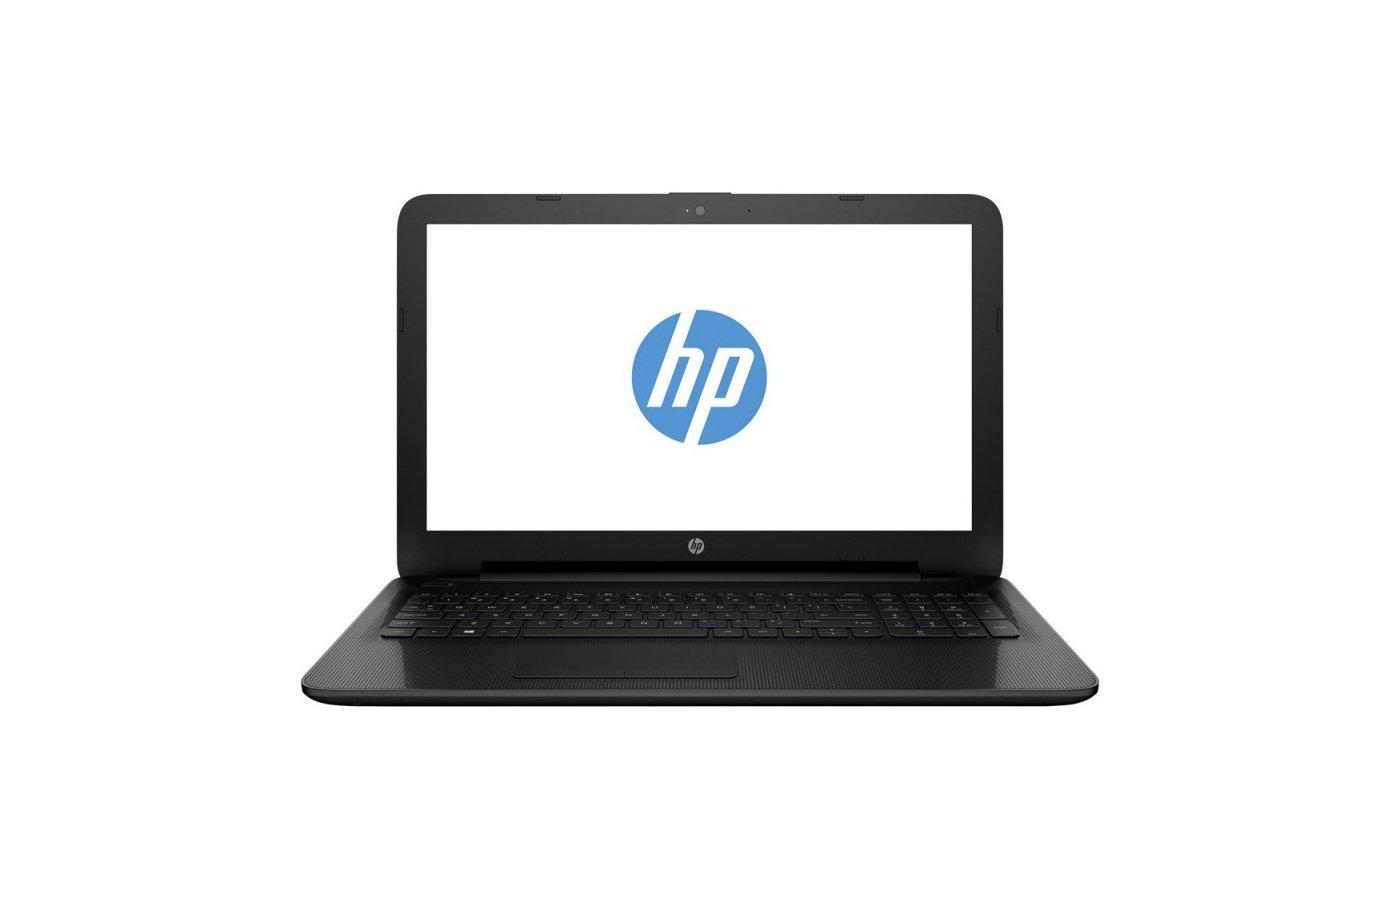 Ноутбук HP 15-ac610UR /V0Z75EA/ intel N3700/2Gb/250Gb/R5 M330 1Gb/15.6/WiFi/Win10